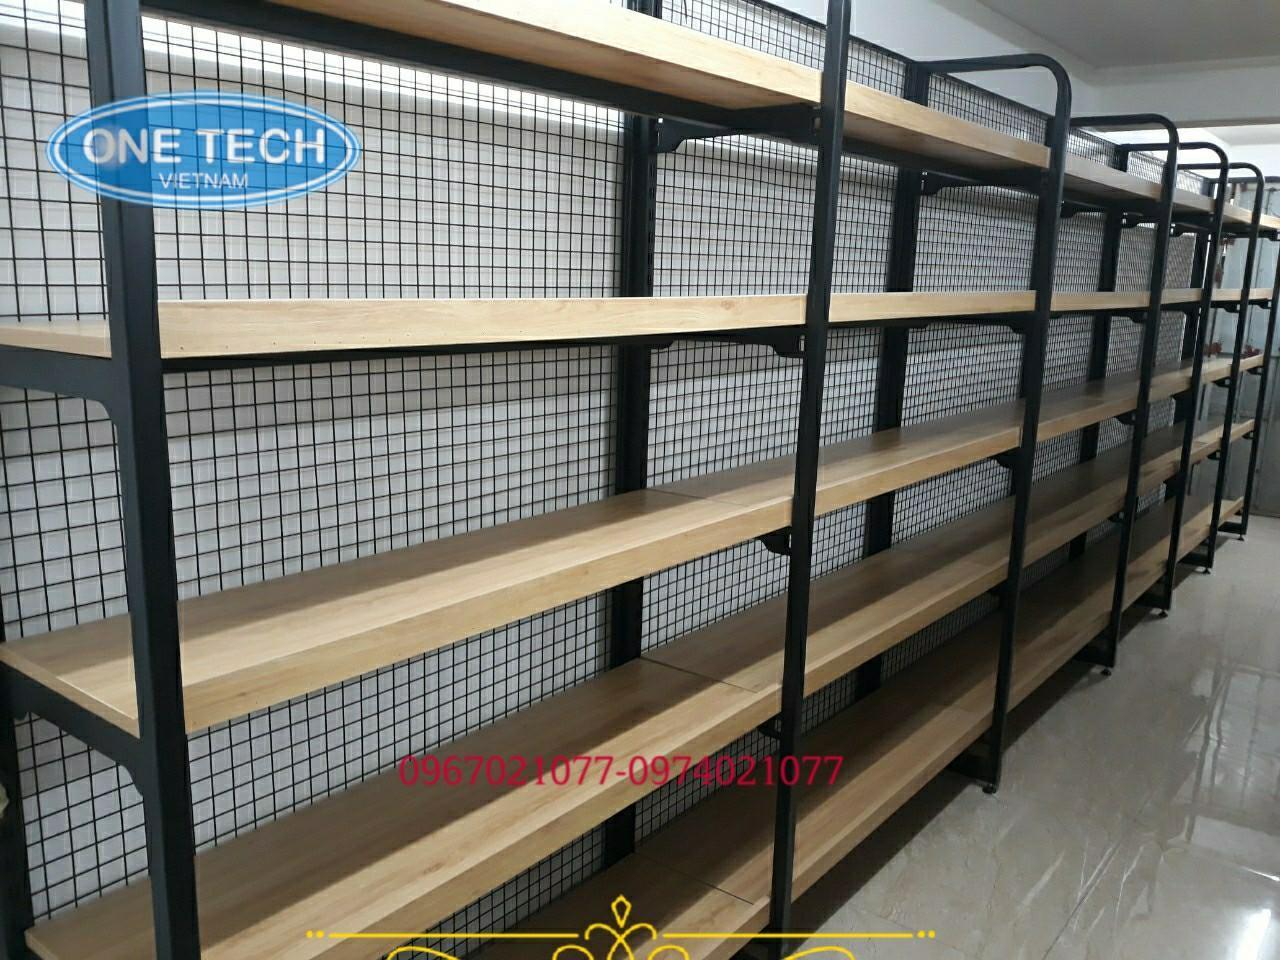 Kệ khung sắt mâm gỗ trưng bày sản phẩm của Onetech